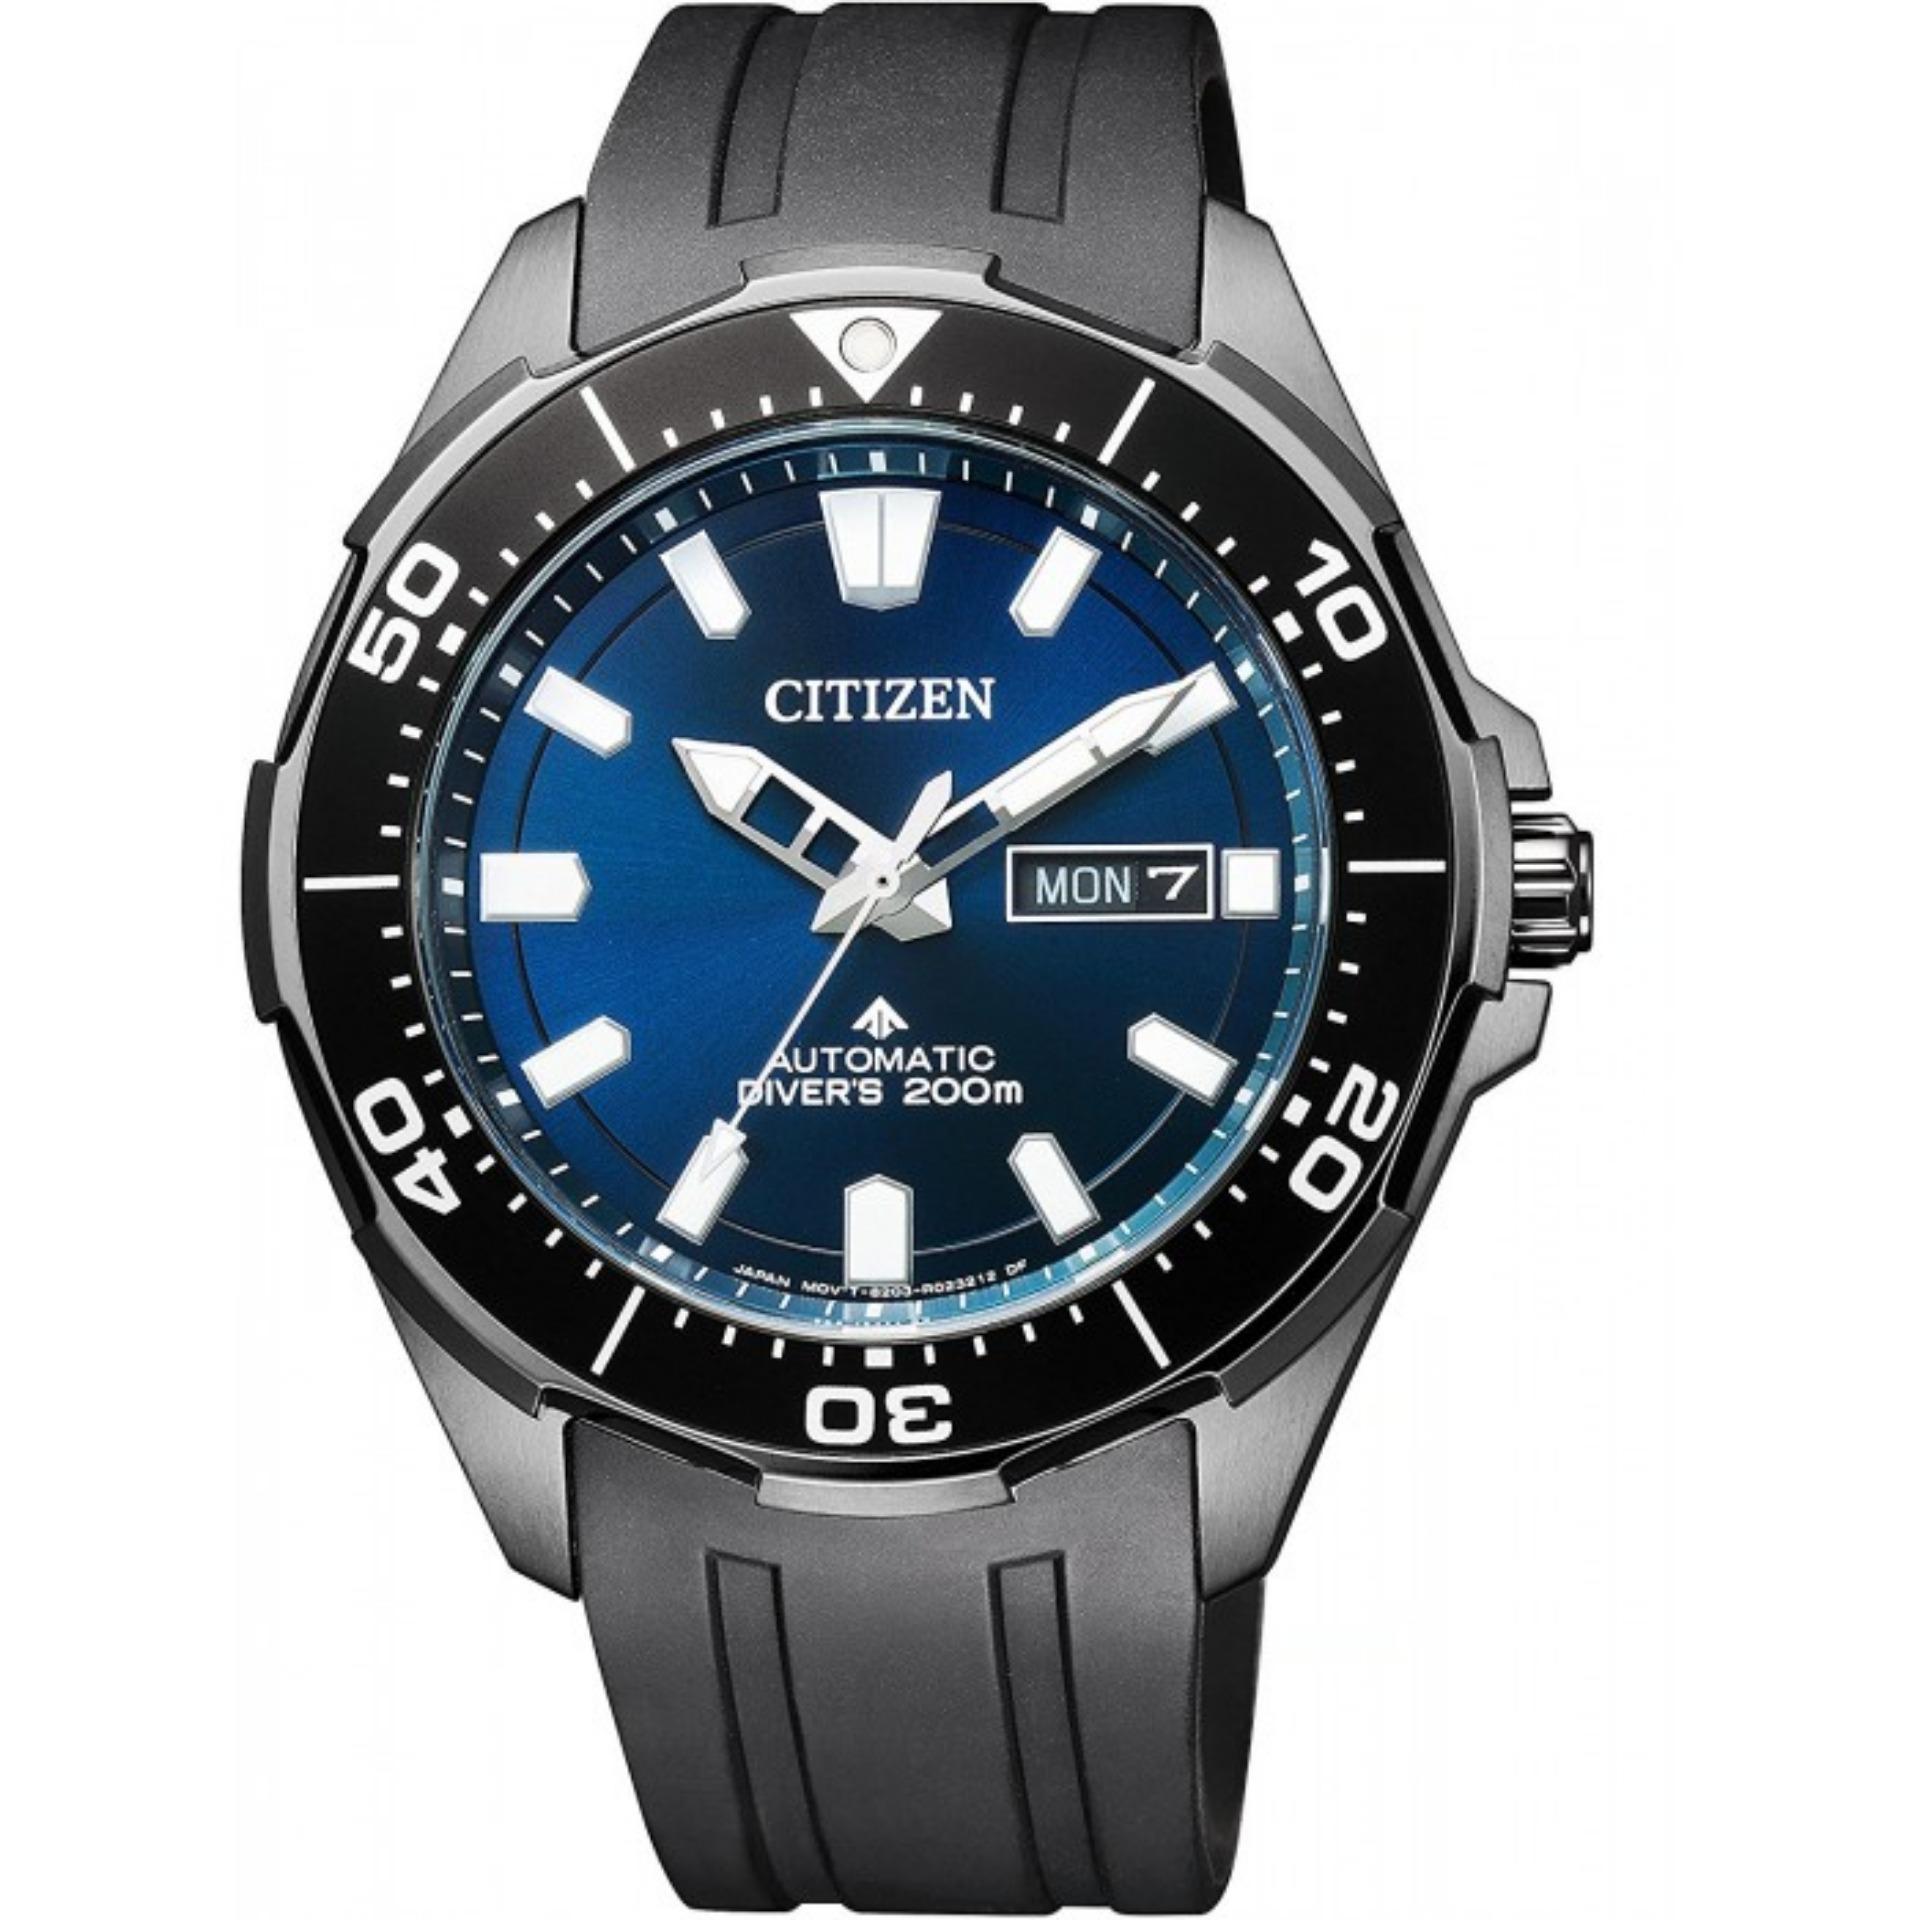 Citizen Promaster NY0075-12L 200m Diver